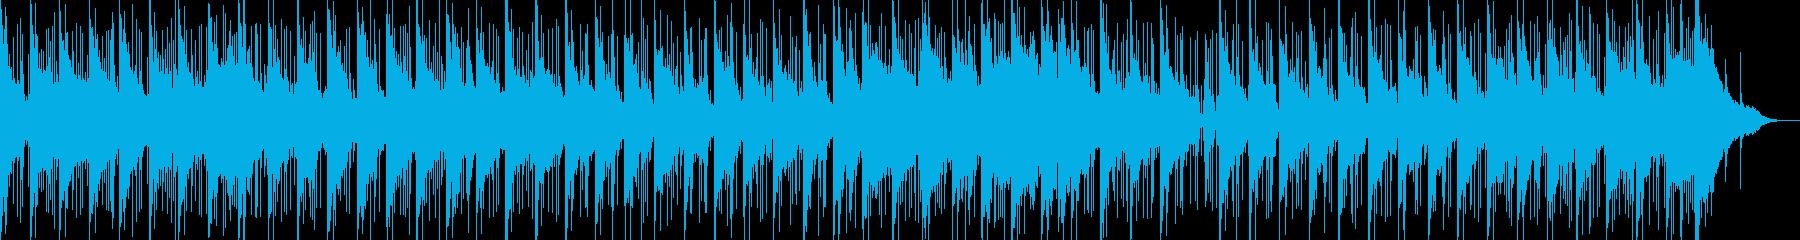 穏やで優しいBGMですの再生済みの波形